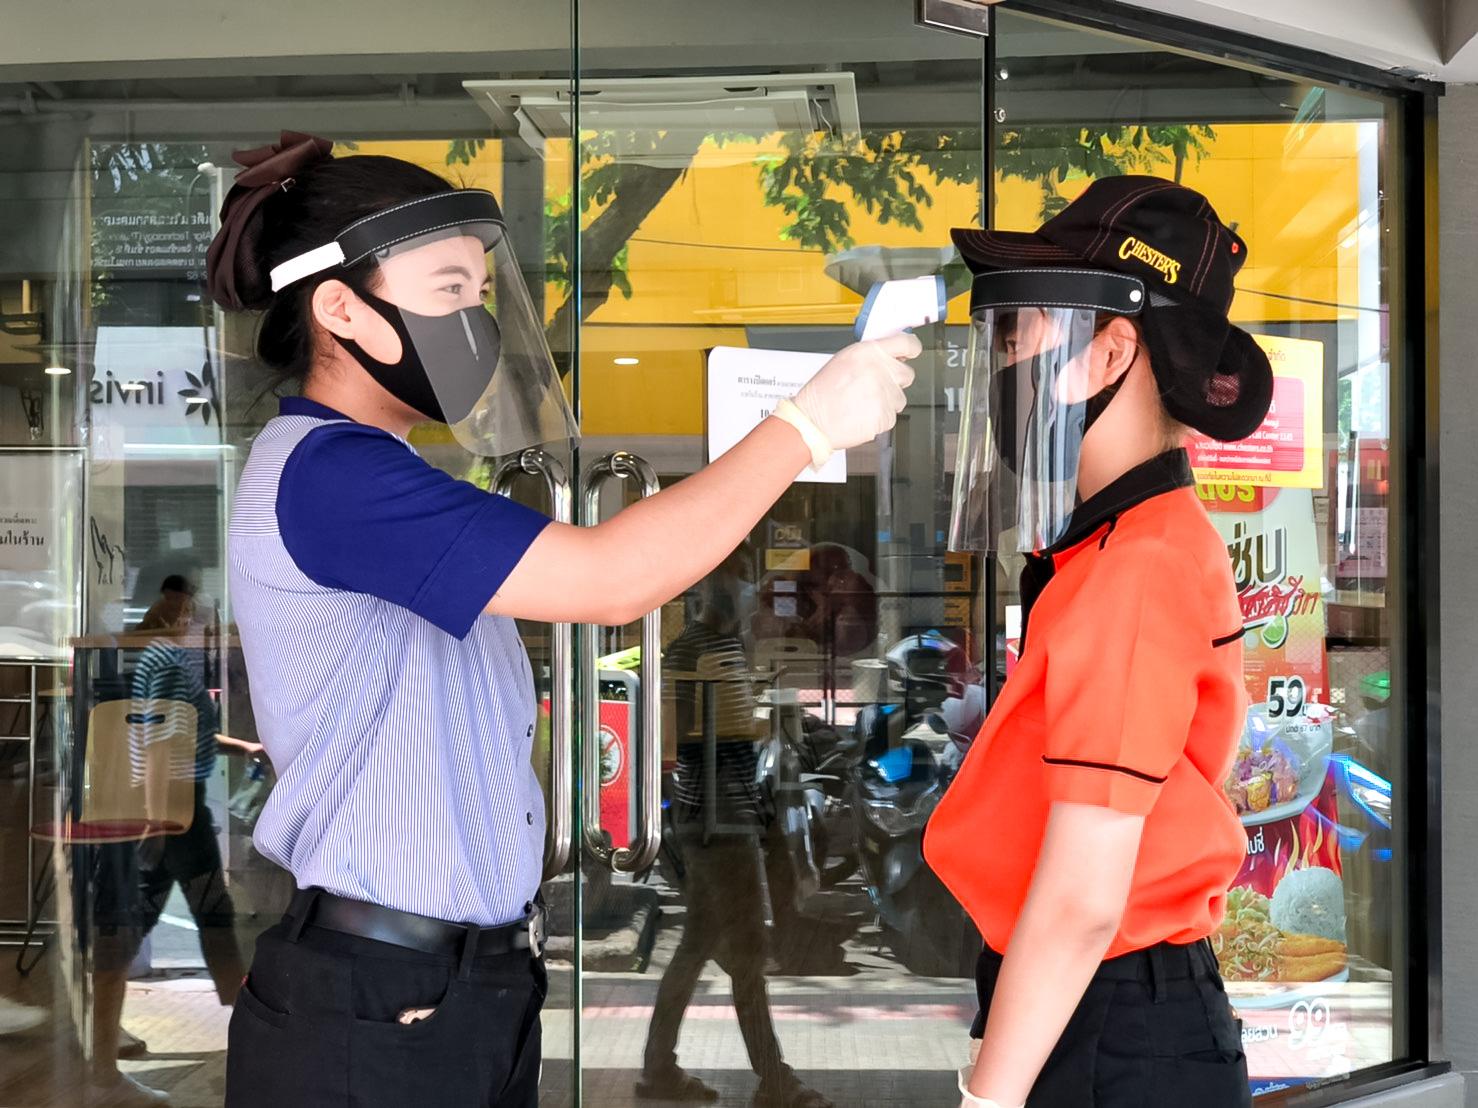 เชสเตอร์ ย้ำ 11 มาตรการป้องกันโควิด-19 คุมเข้มความปลอดภัยให้ลูกค้า-พนักงานทั่วไทย